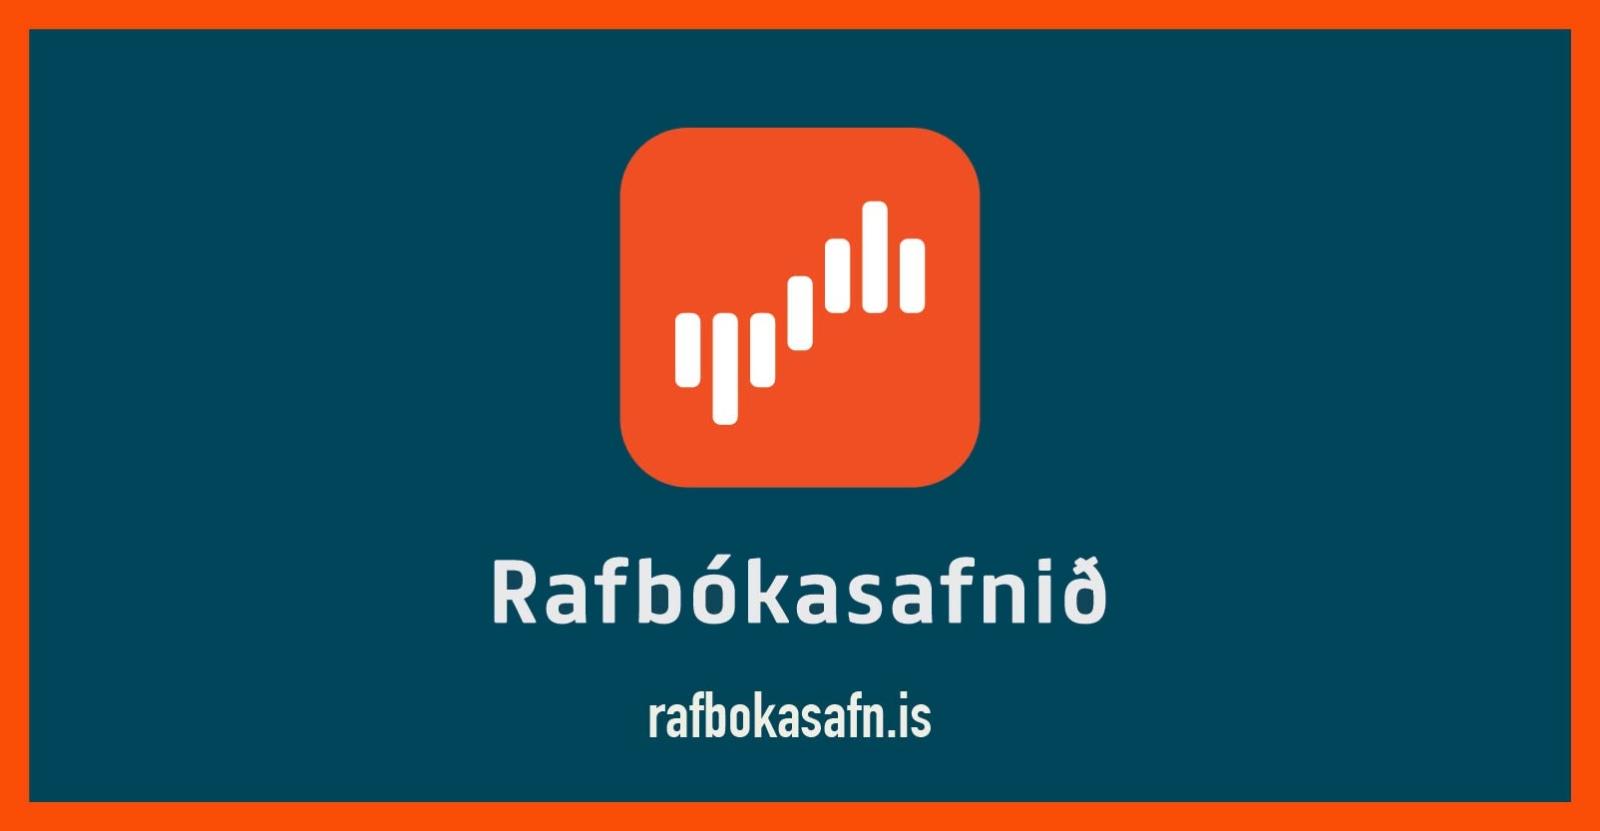 Rafbókasafnið